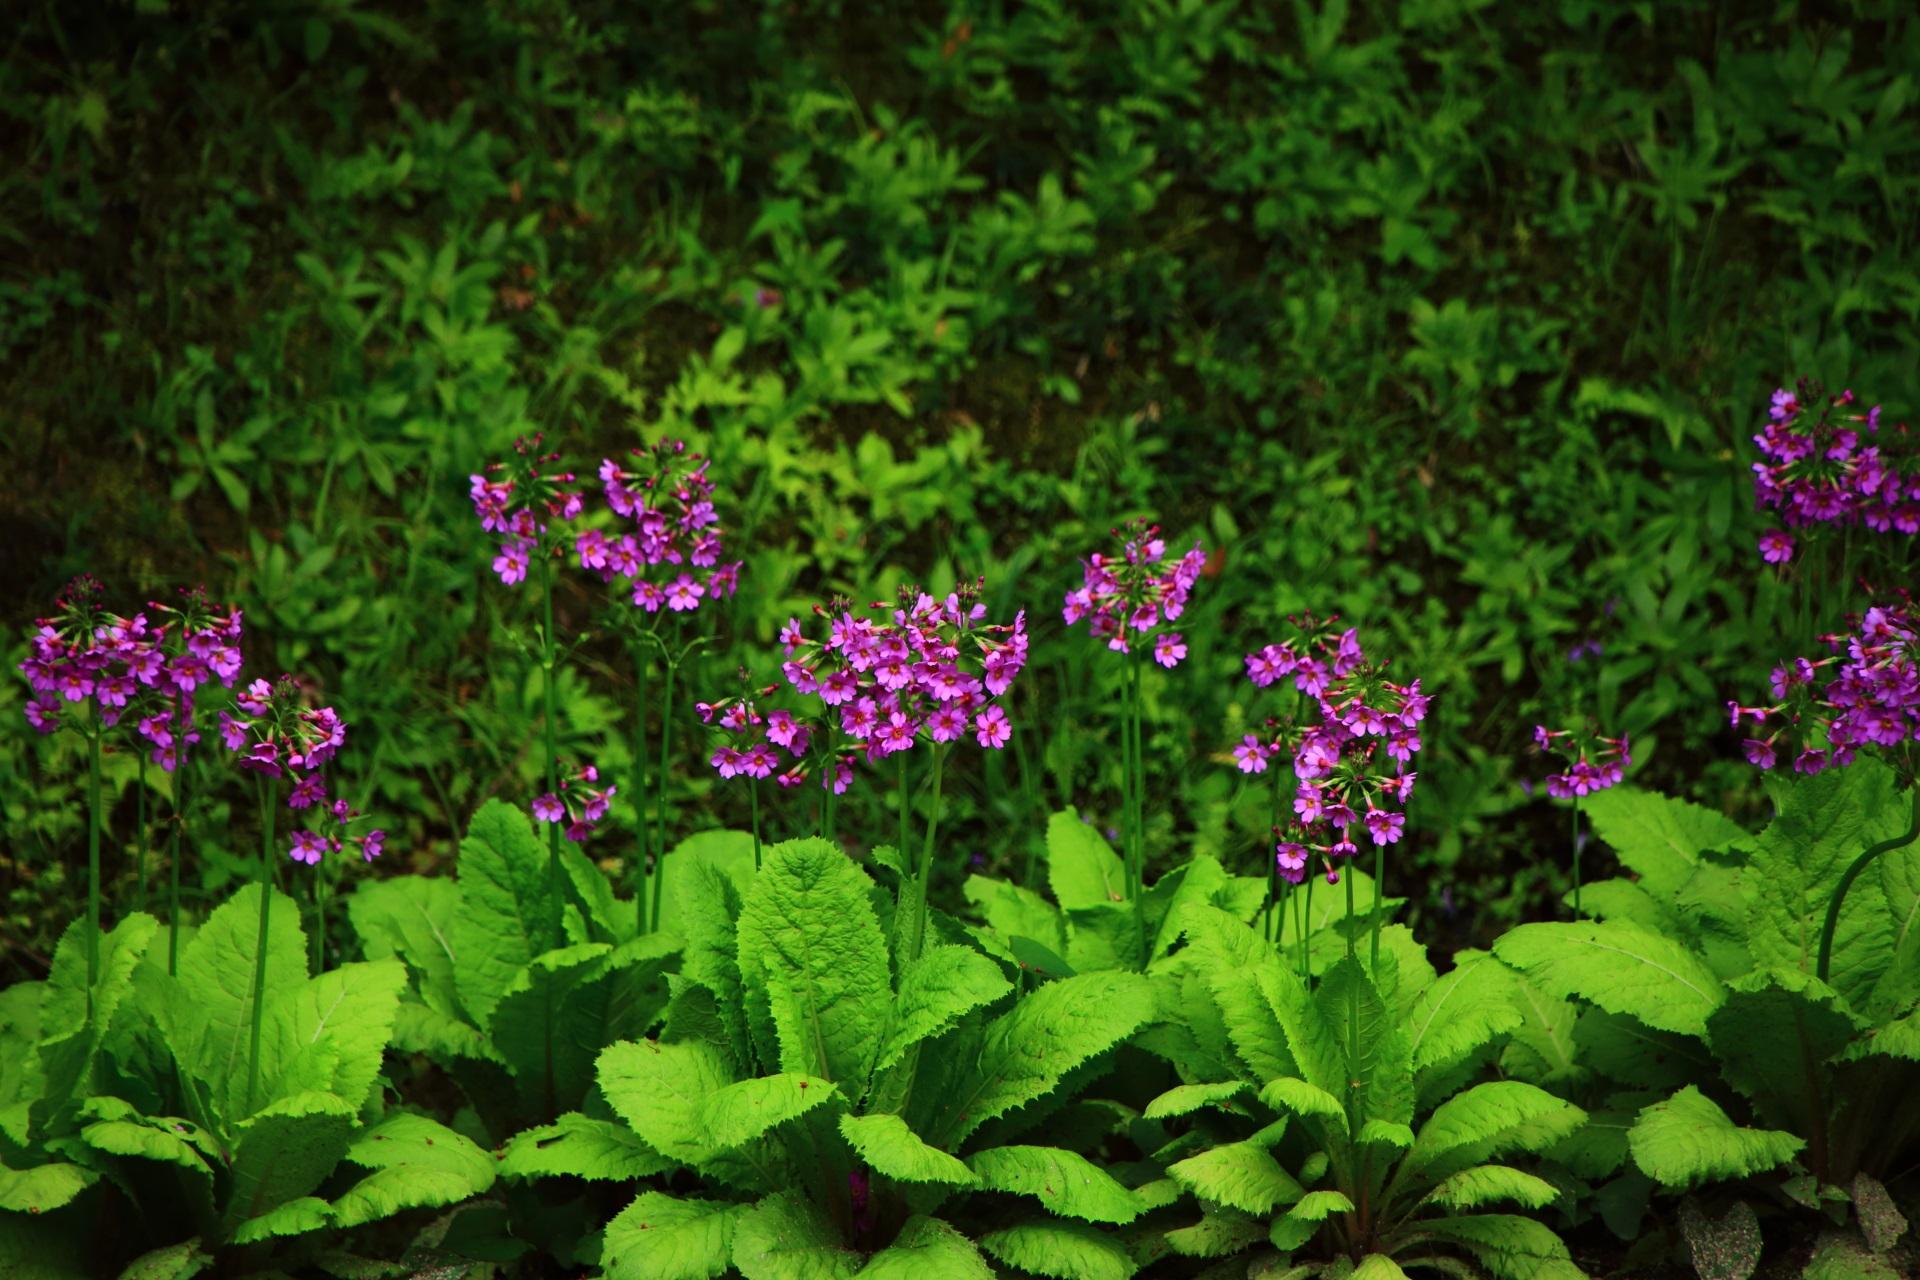 曼殊院の淡い緑に映える鮮やかな紫の花